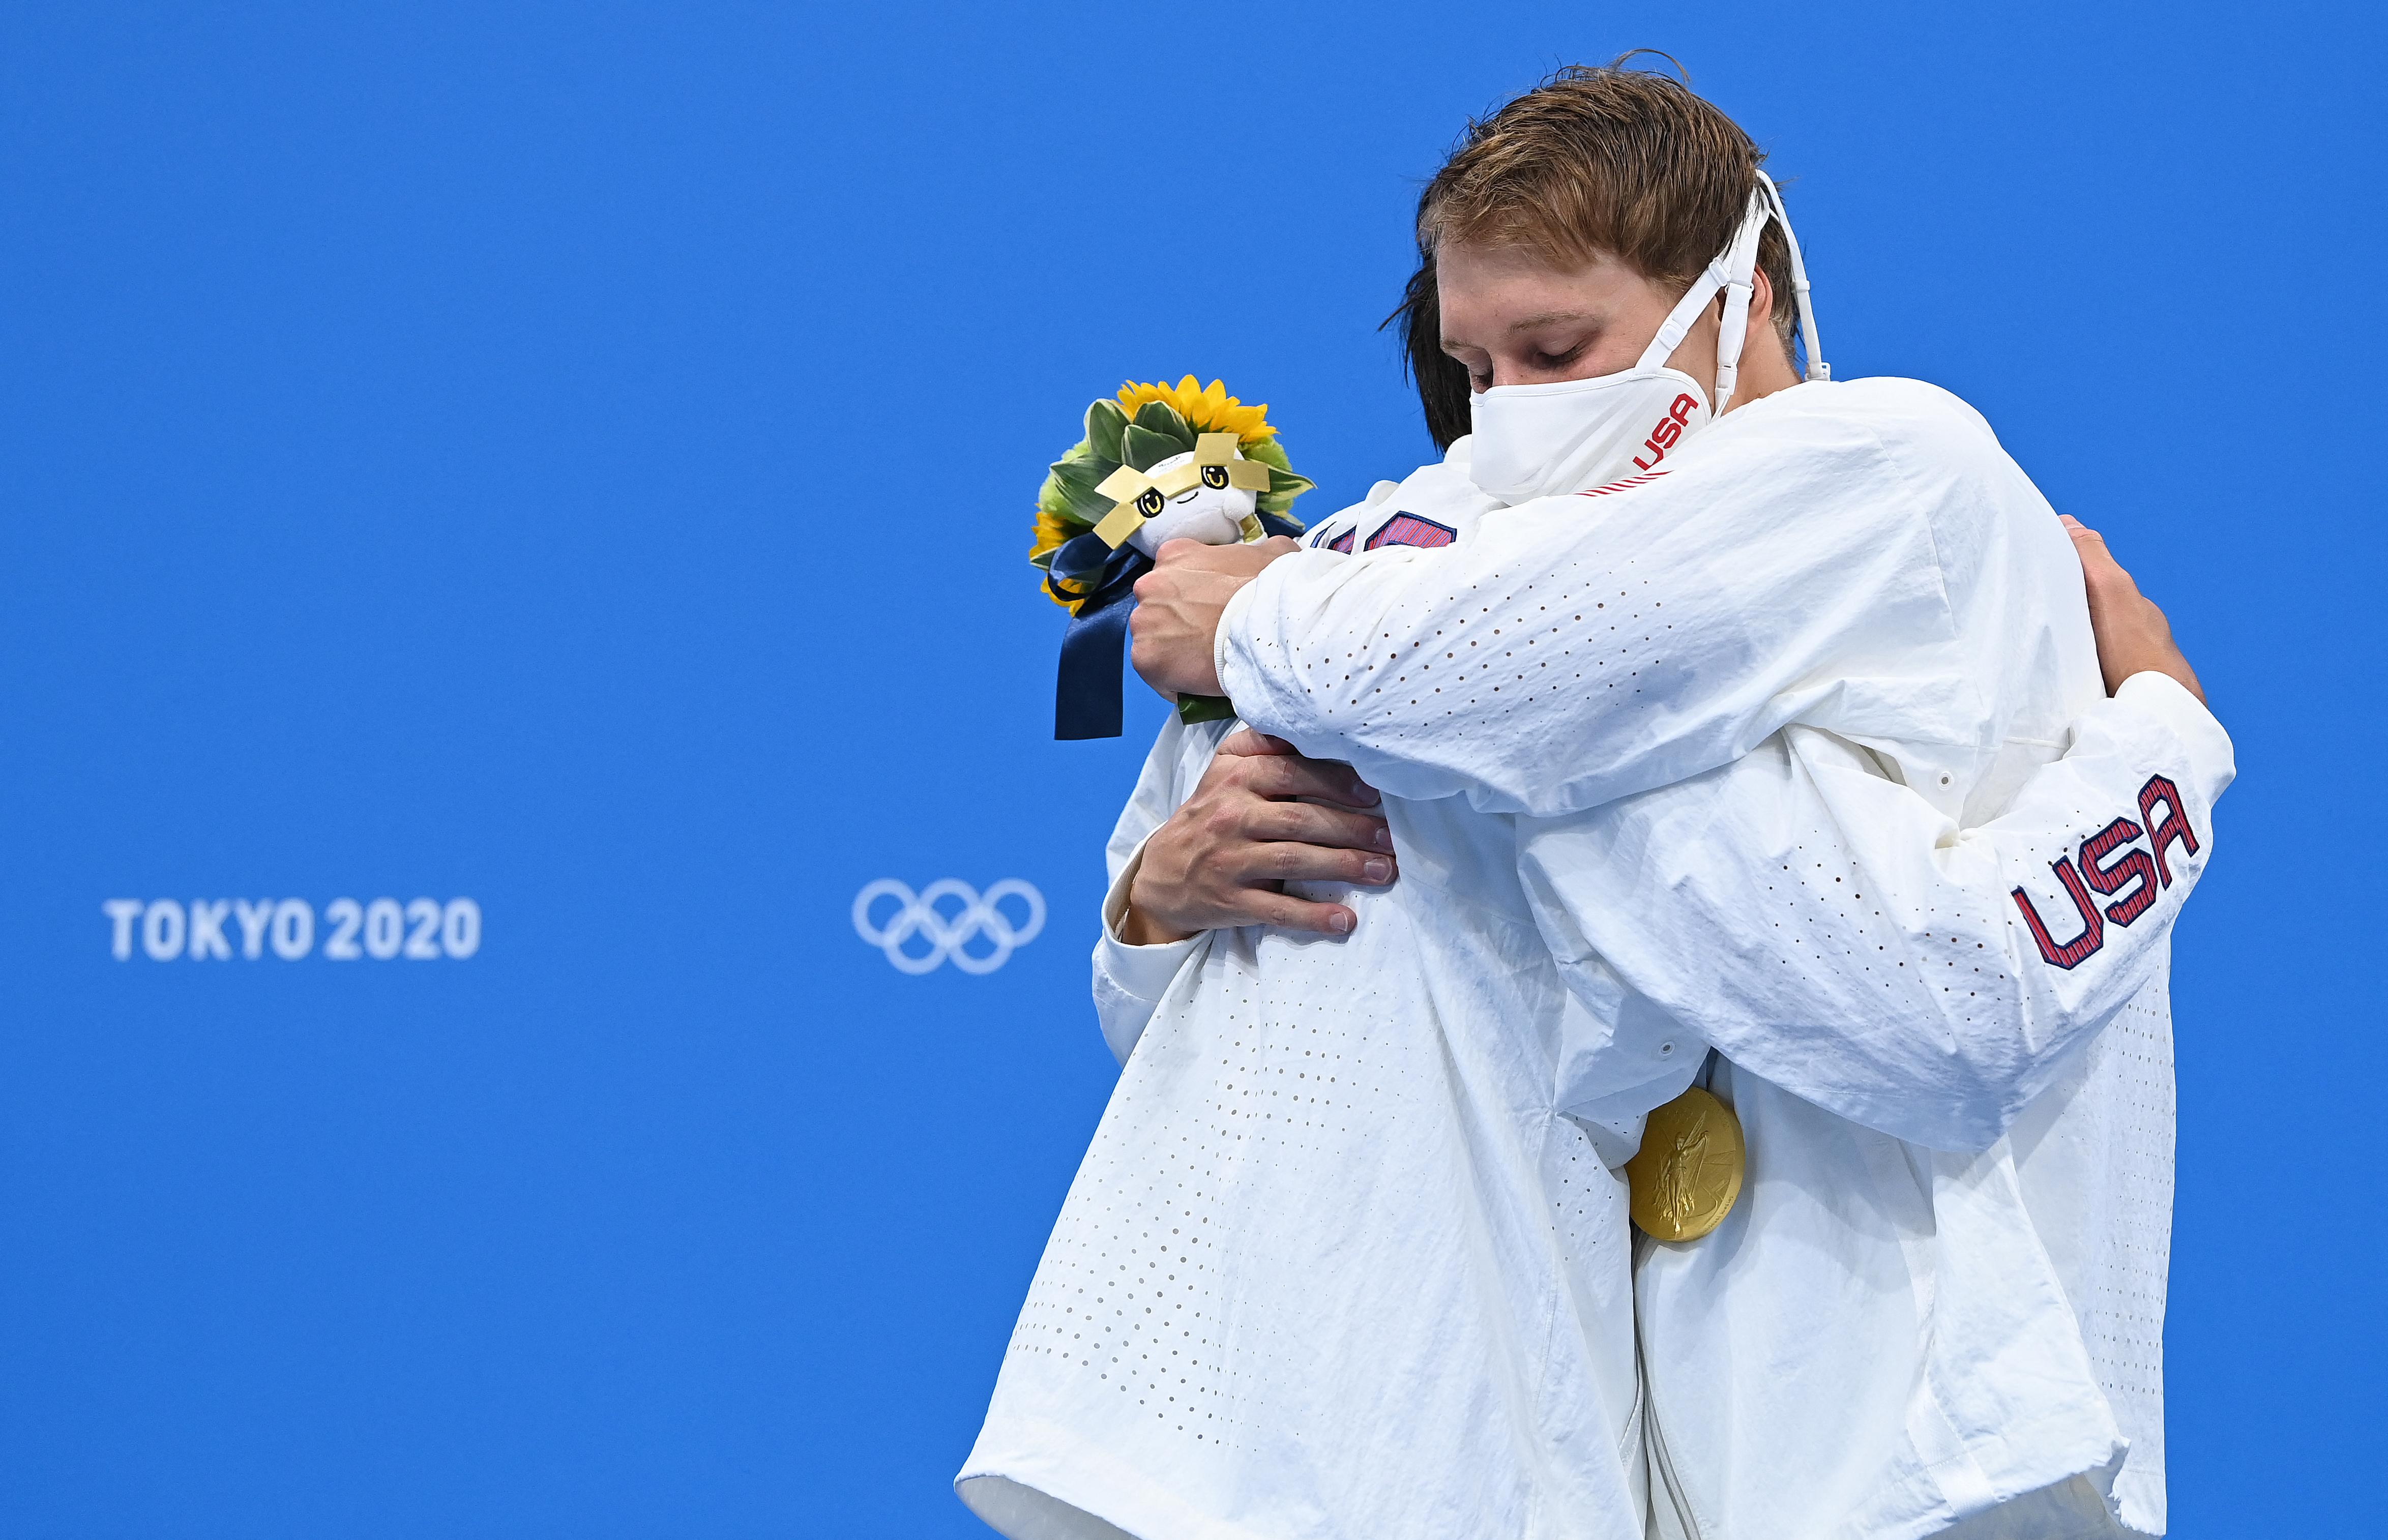 Rászóltak az olimpikonokra, hogy ne ölelgessék egymást